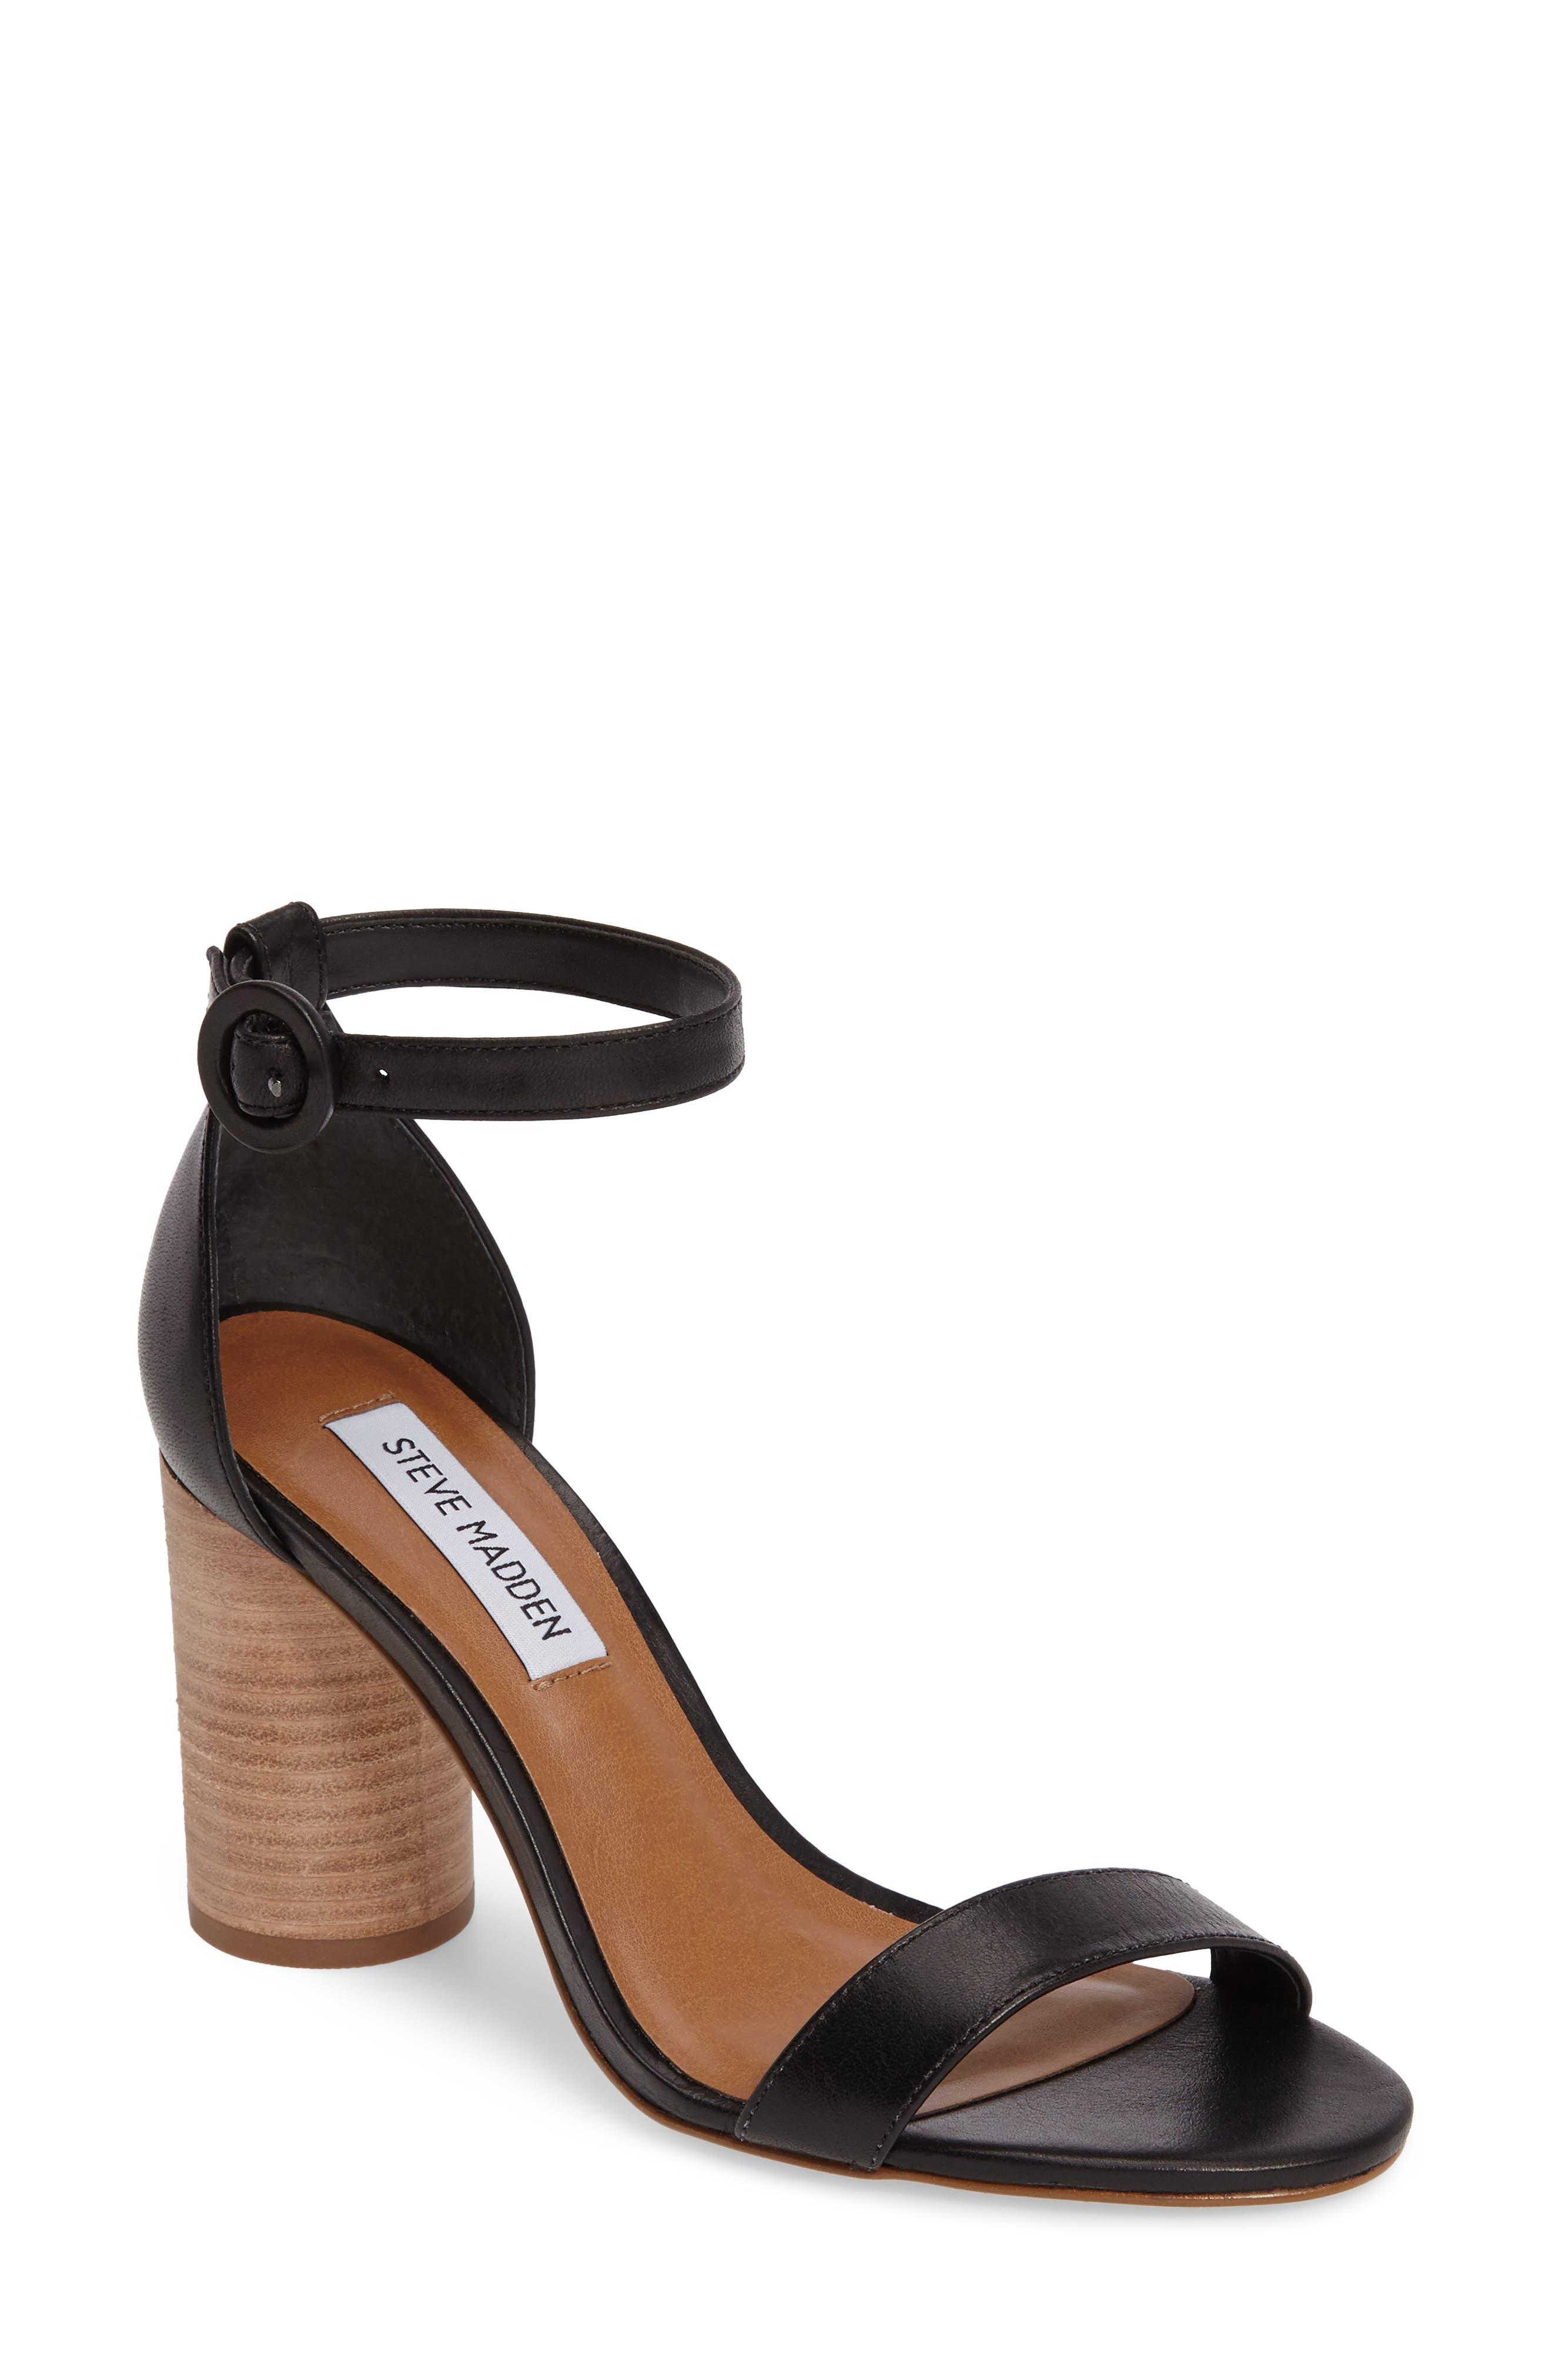 Alternate Image 1 Selected - Steve Madden Sara Column Heel Sandal (Women)